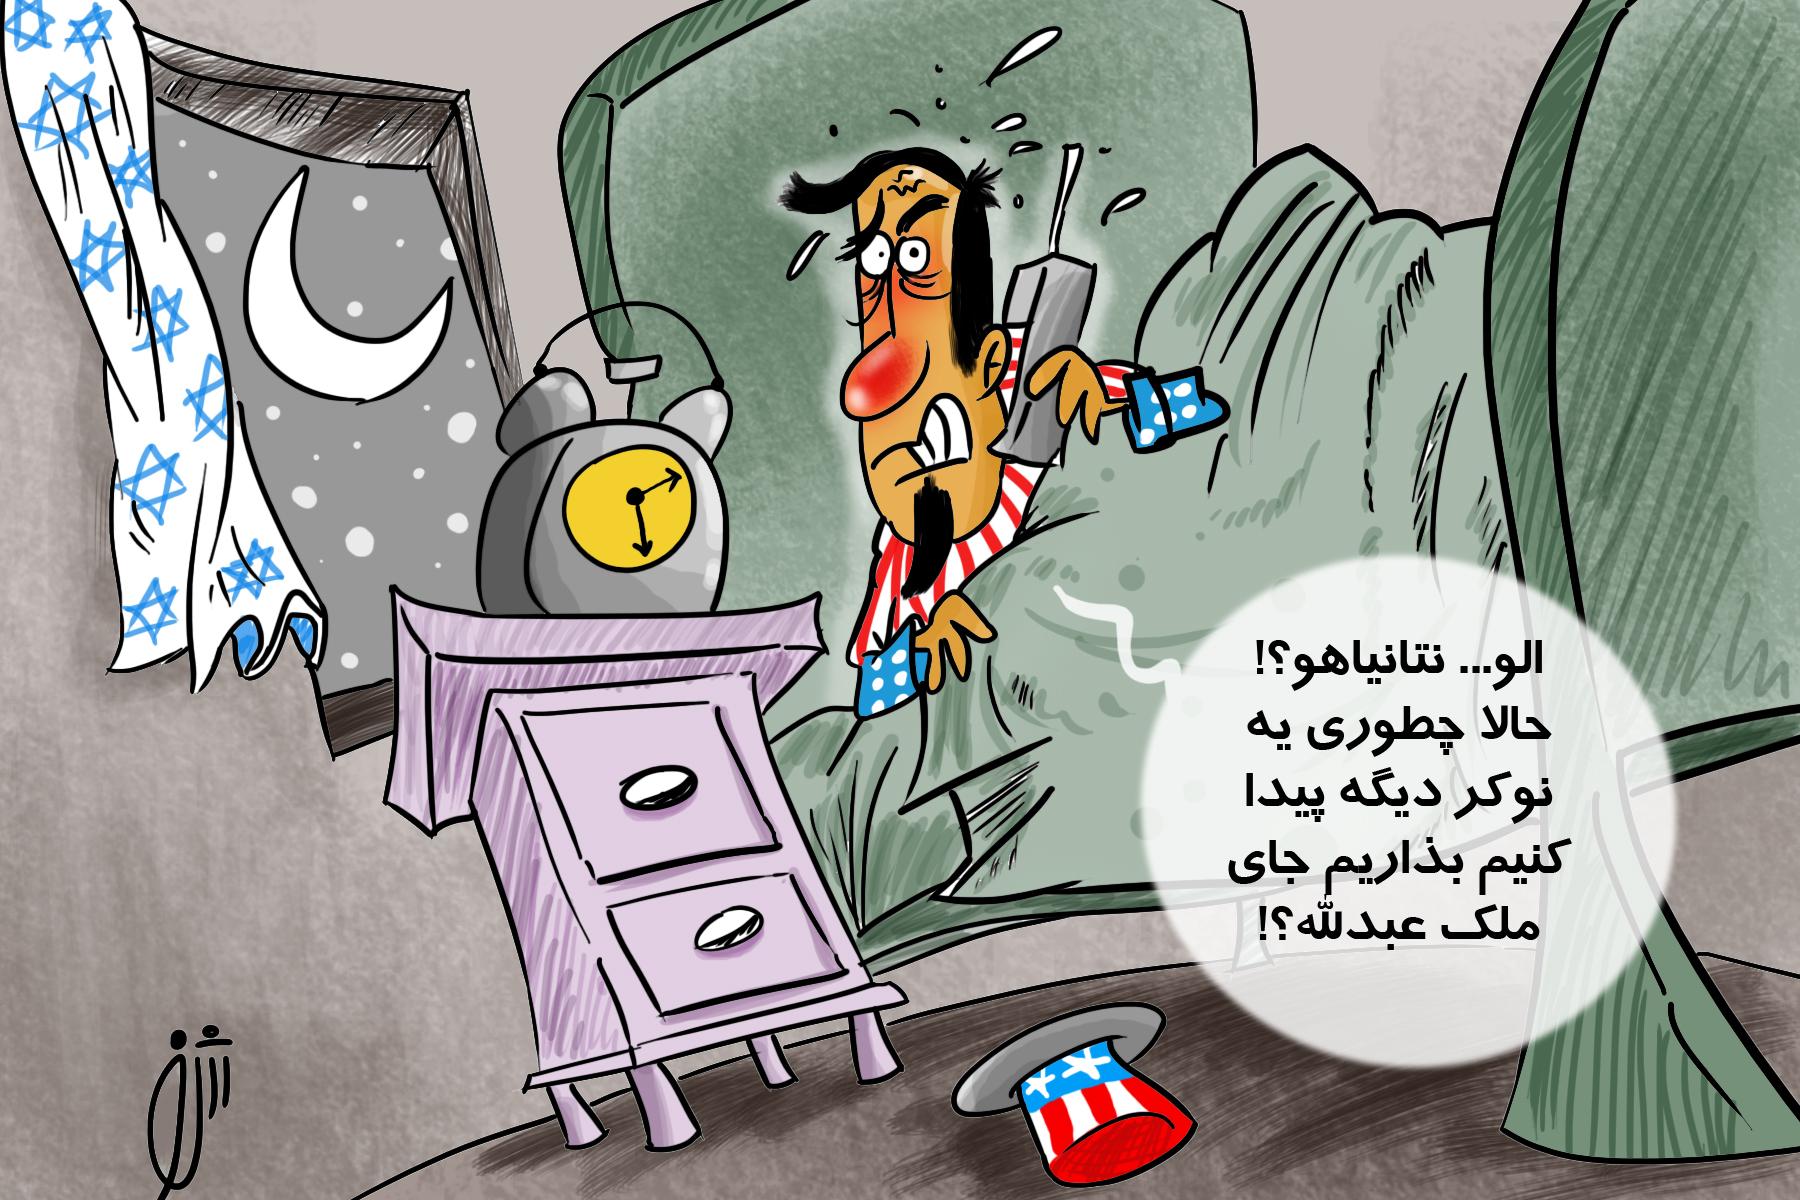 الو…نتانیاهو؟!حالا چطوری یه نوکر دیگه پیدا کنیم بذاریم جای ملک عبدالله؟!